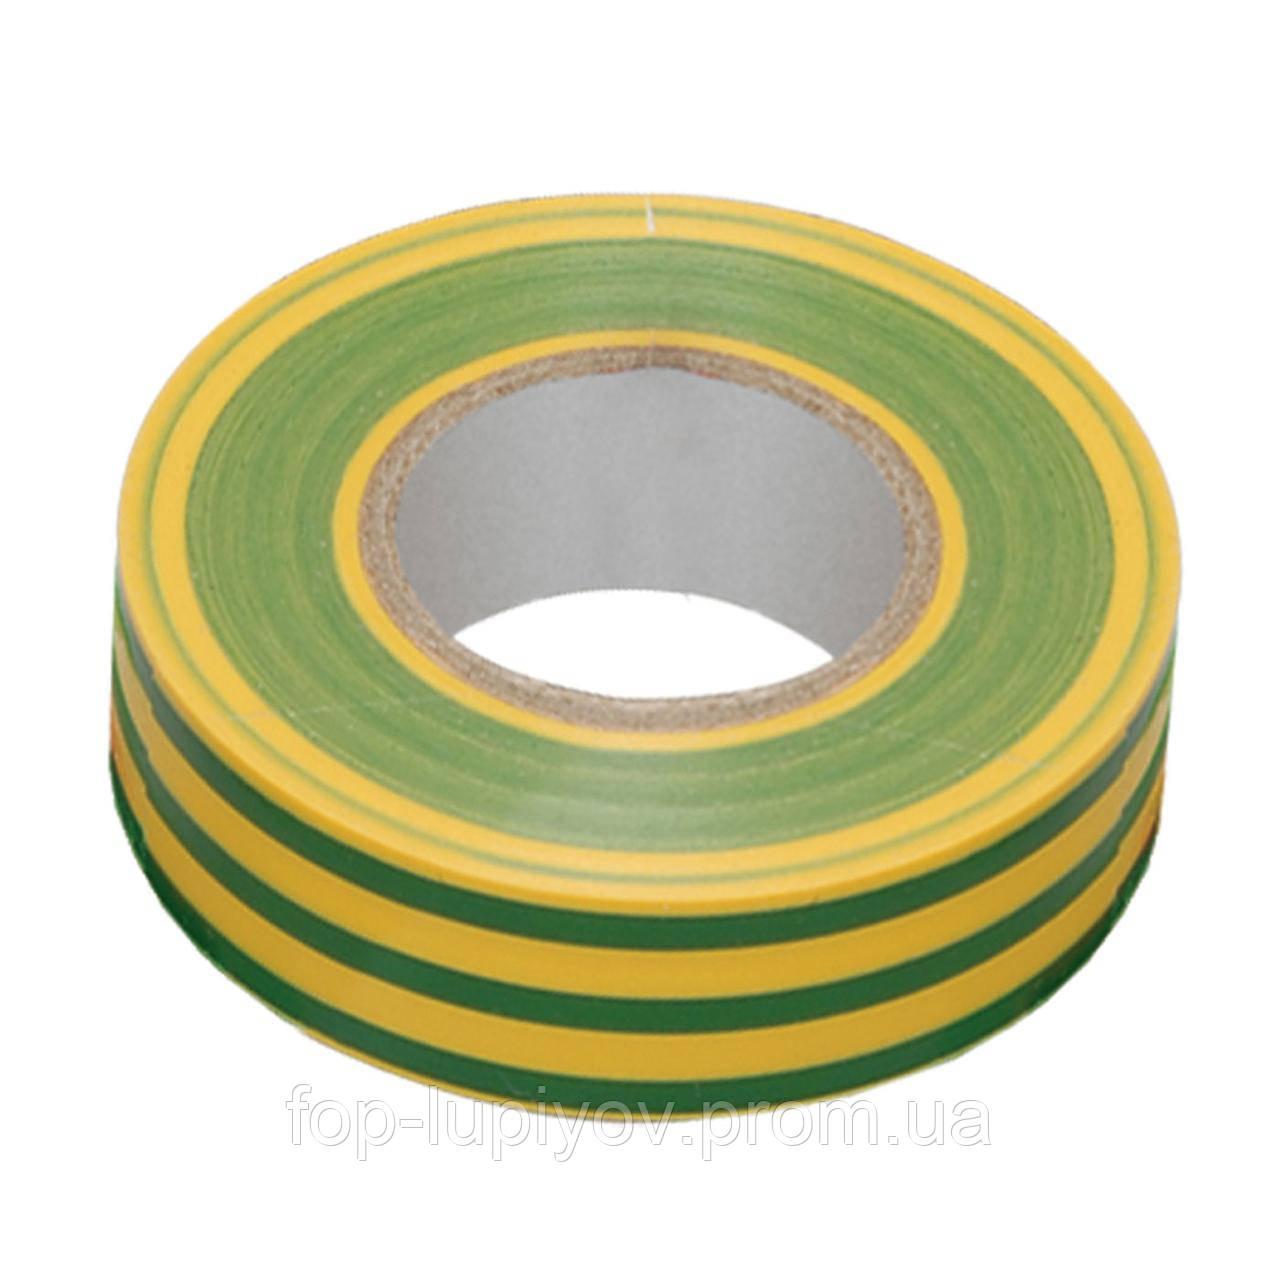 Изолента 0,13х15мм, желто-зеленая 20м, ІЕК